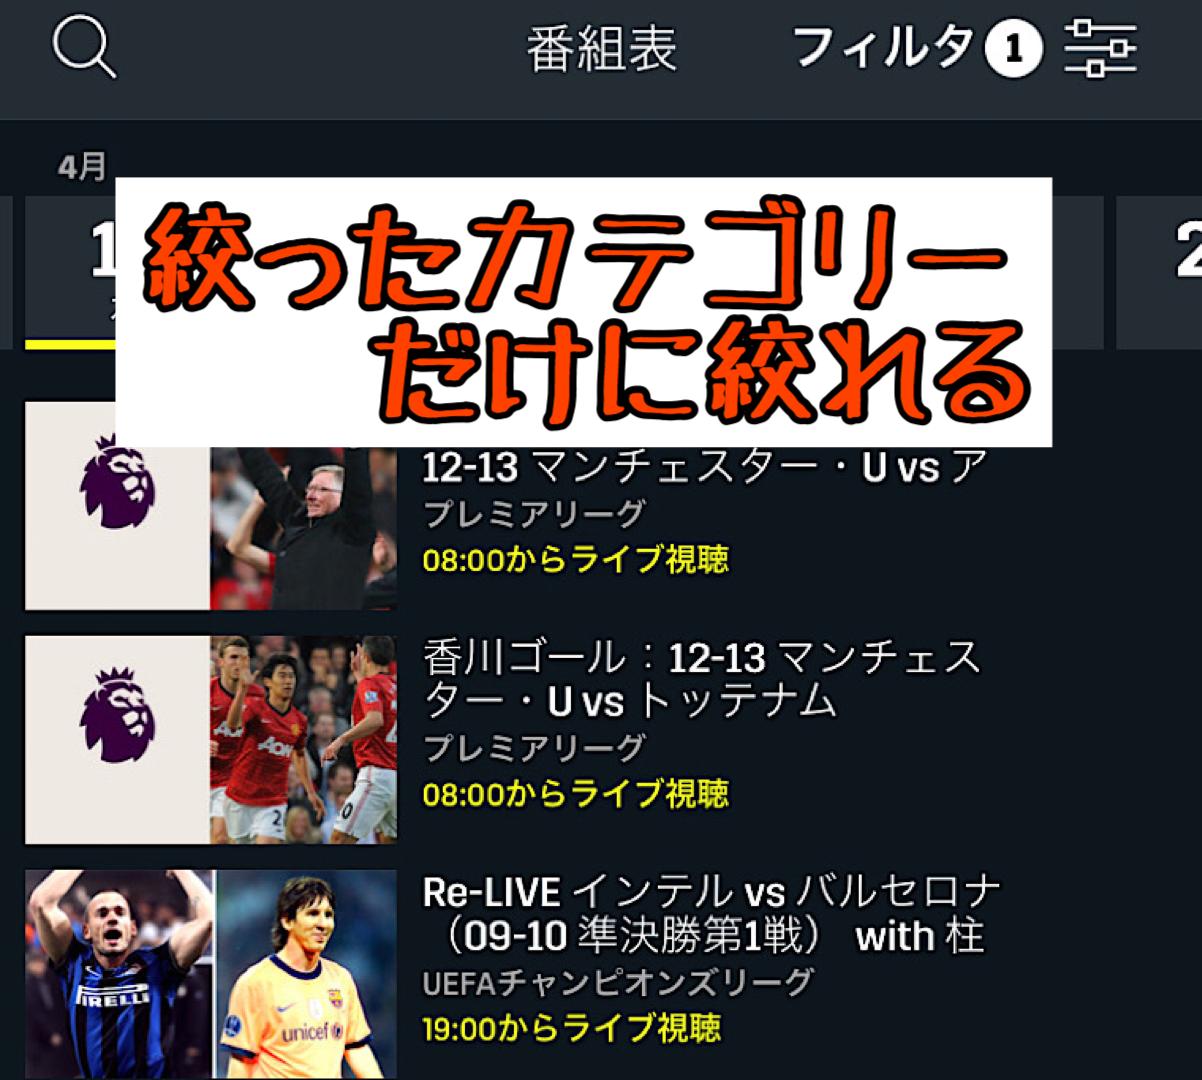 ステップ④DAZNの番組表からサッカーカテゴリーを絞り込んだ画像